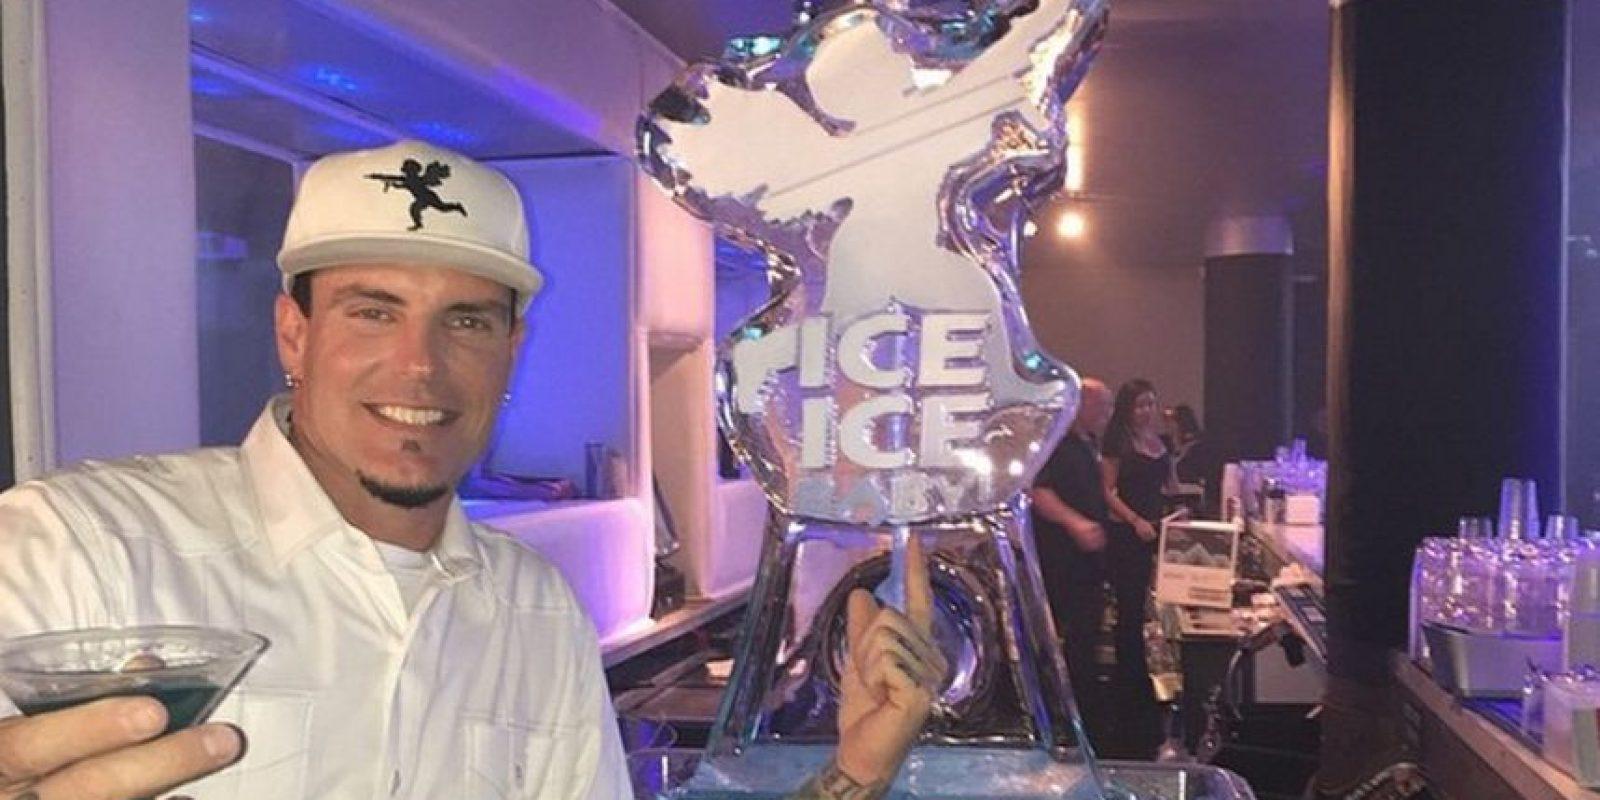 """En 1990 lanzó su álbum """"To the extreme"""" que contenía el sencillo """"Ice, Ice Baby"""" Foto:Instagram Vanilla Ice"""